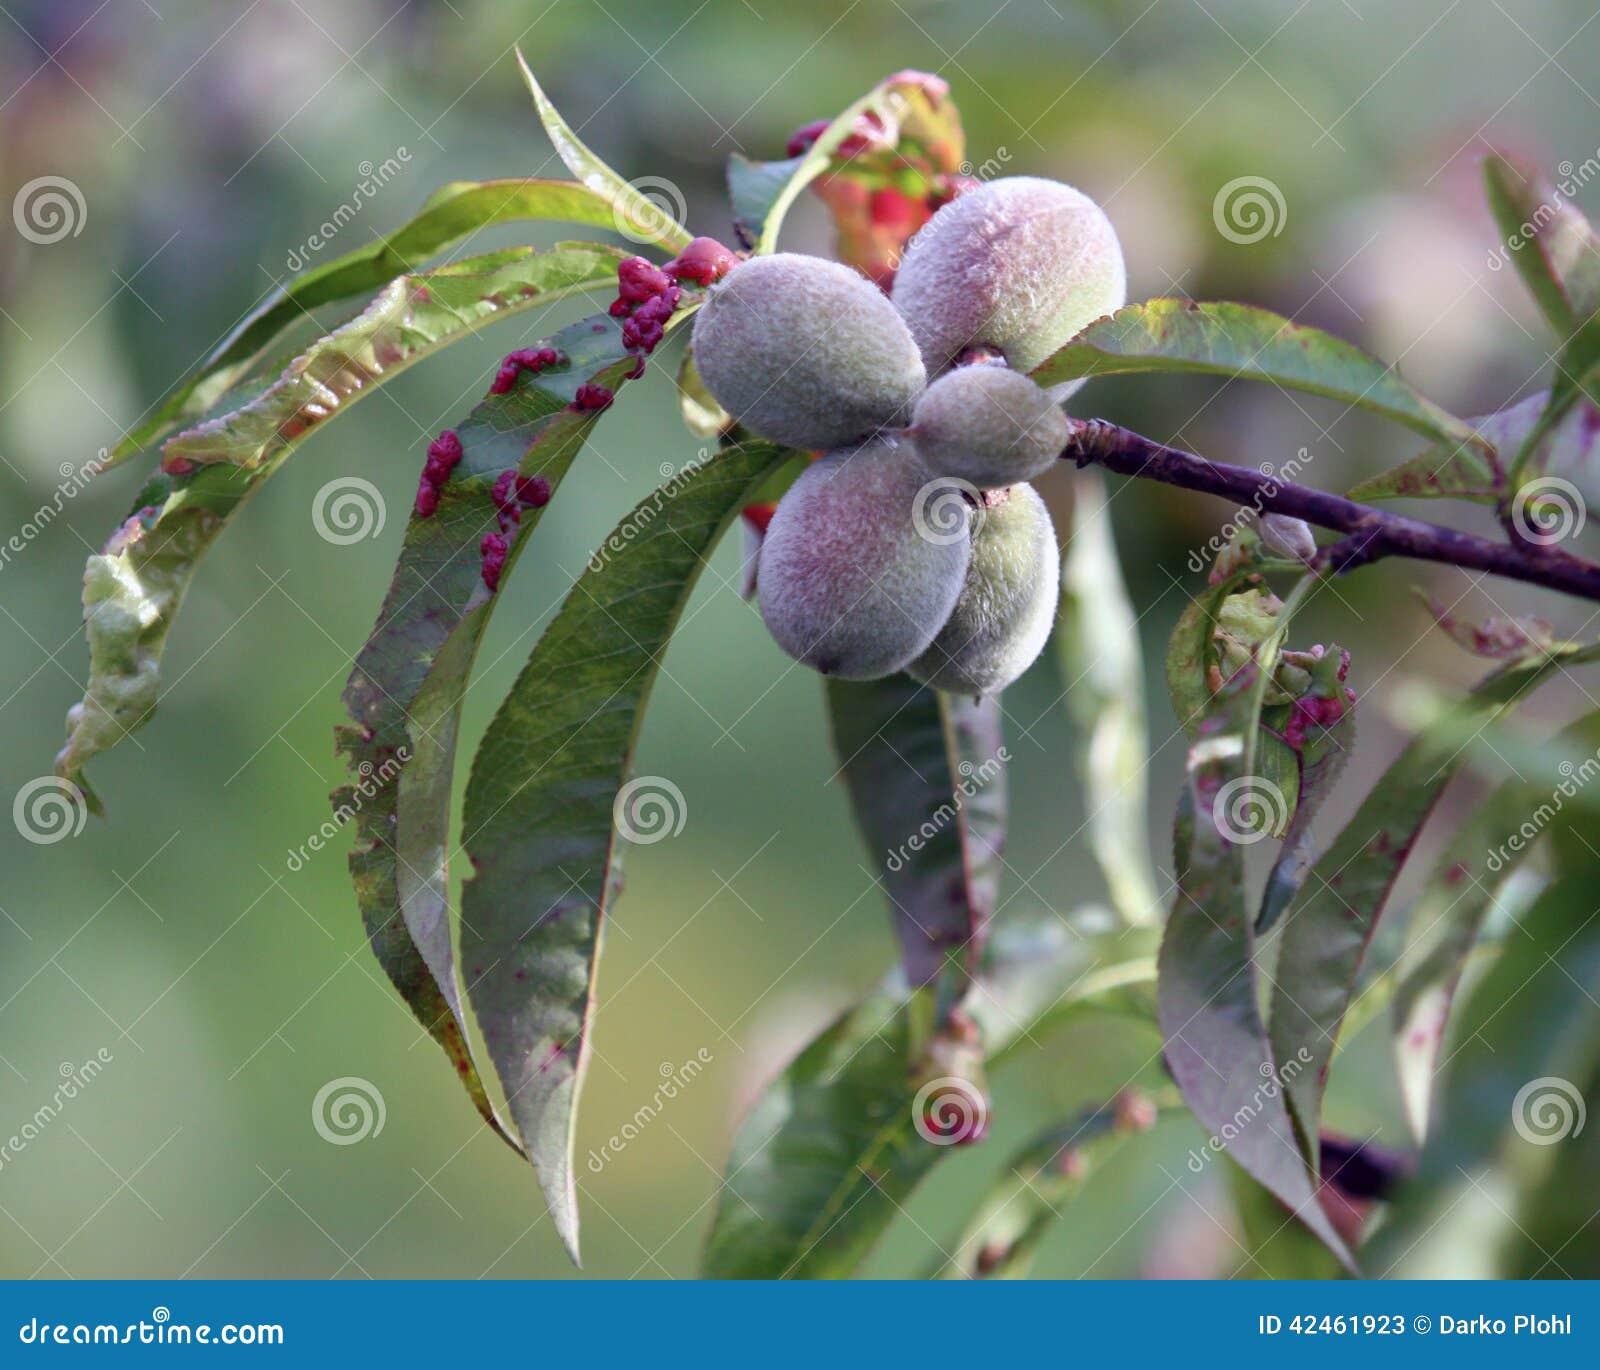 Заболевание скручиваемости лист персика